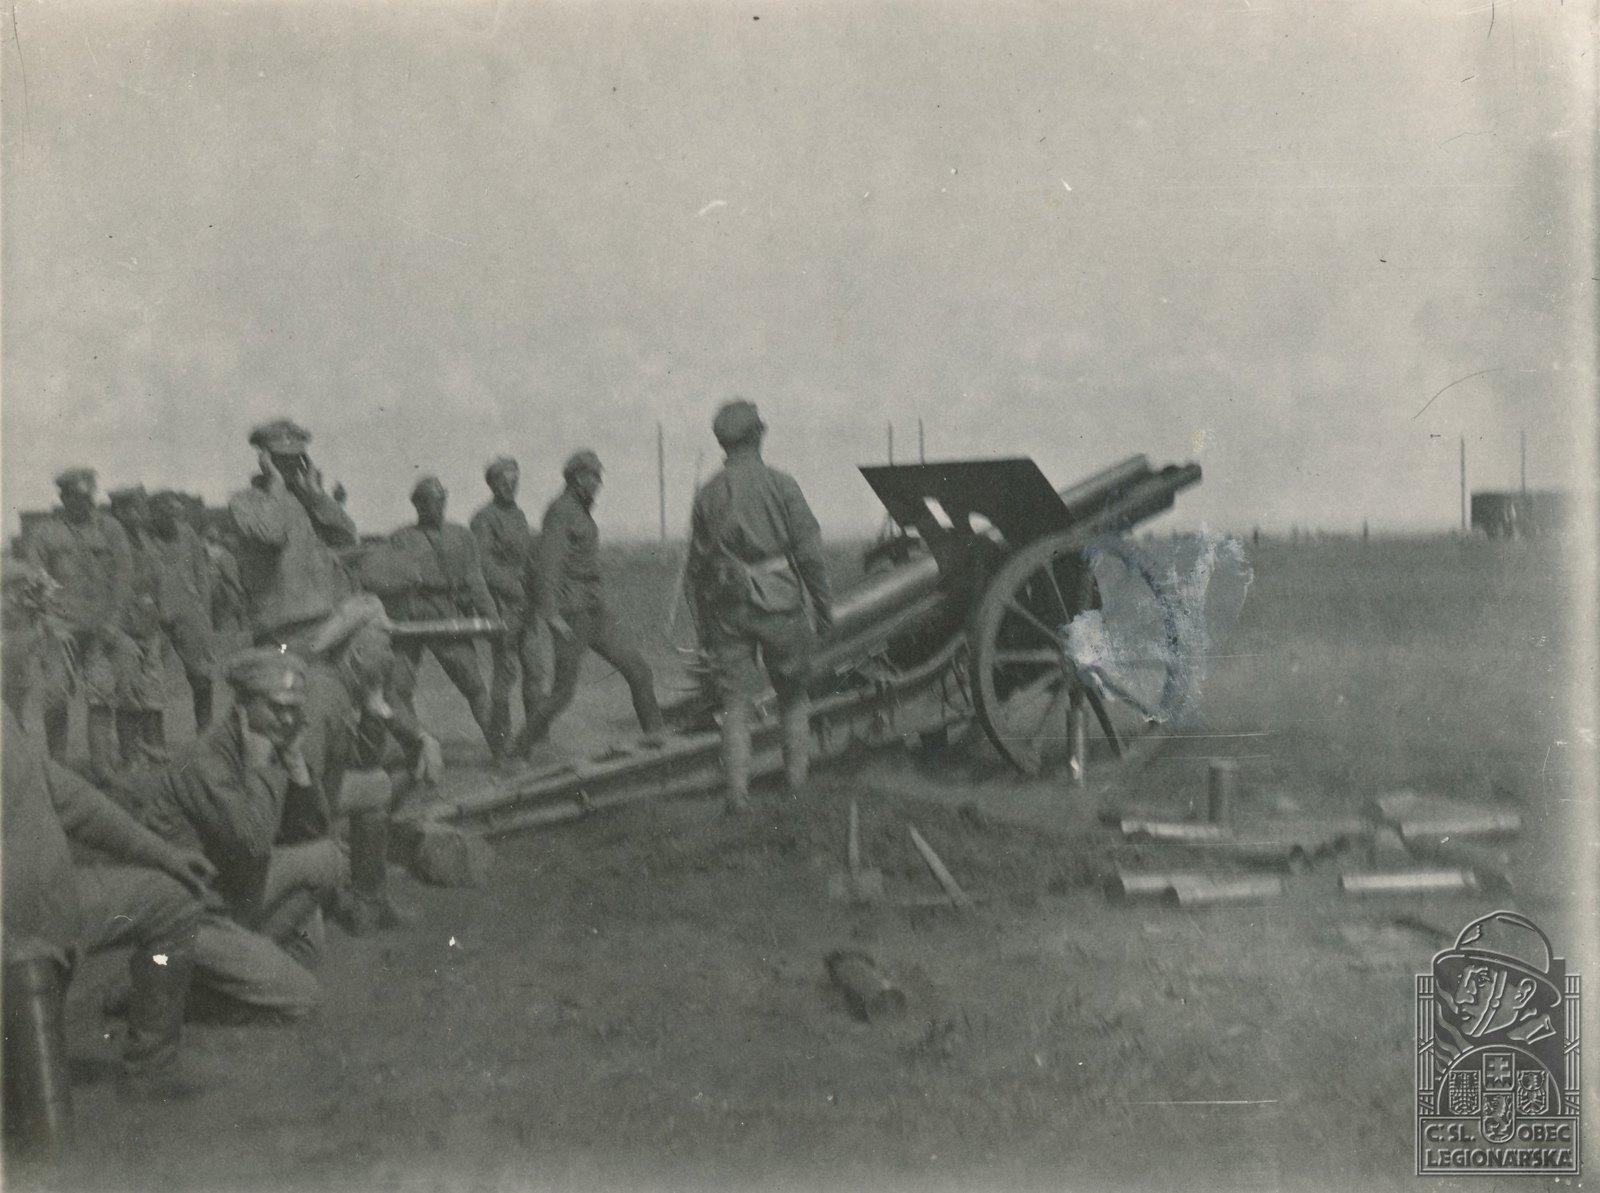 13. 1918. Из дальнобойного орудия по позициям большевиков под Липягами, перед Самарой, 4 июня